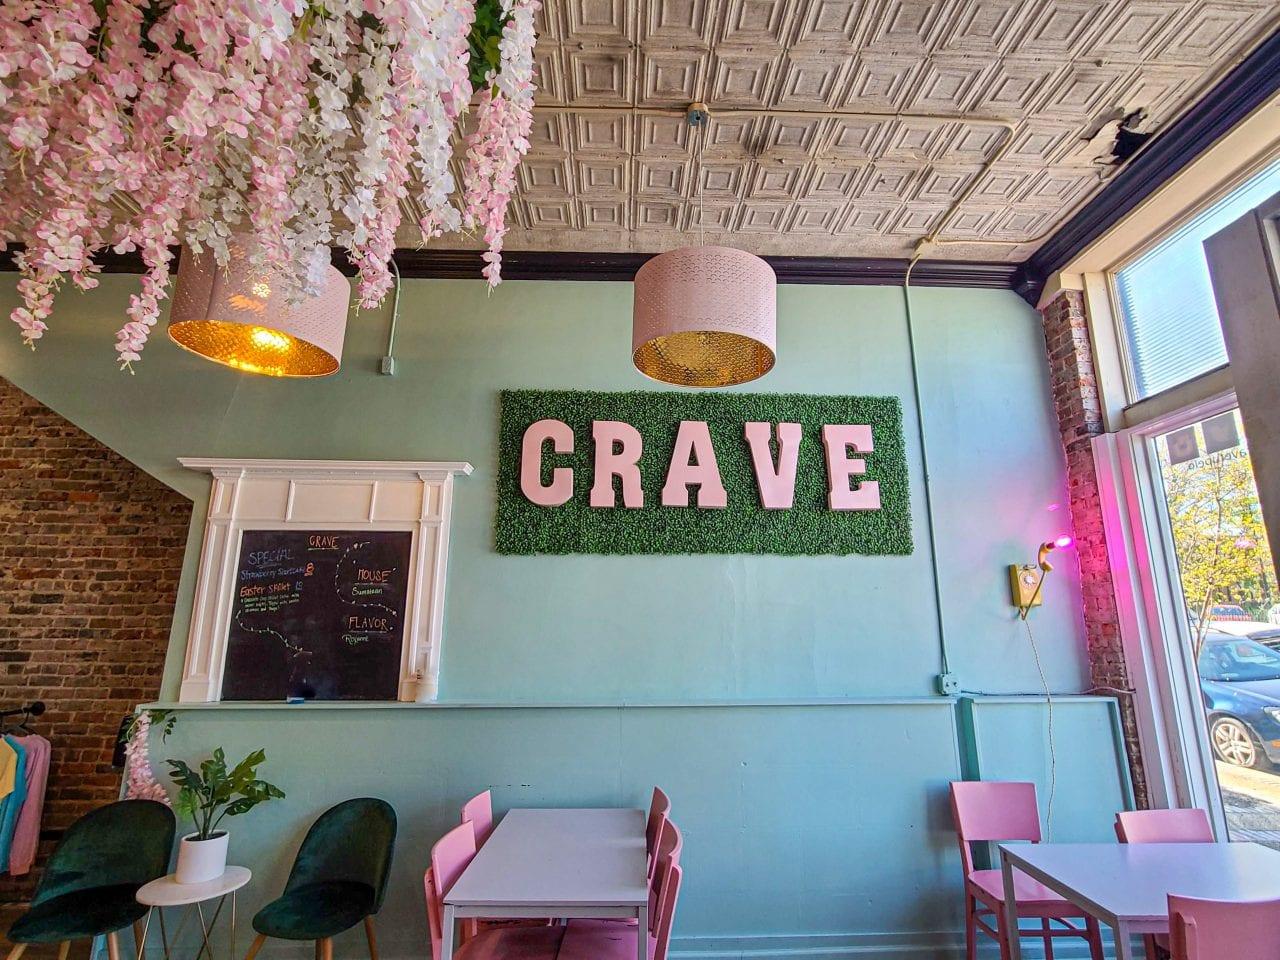 Crave Coffee